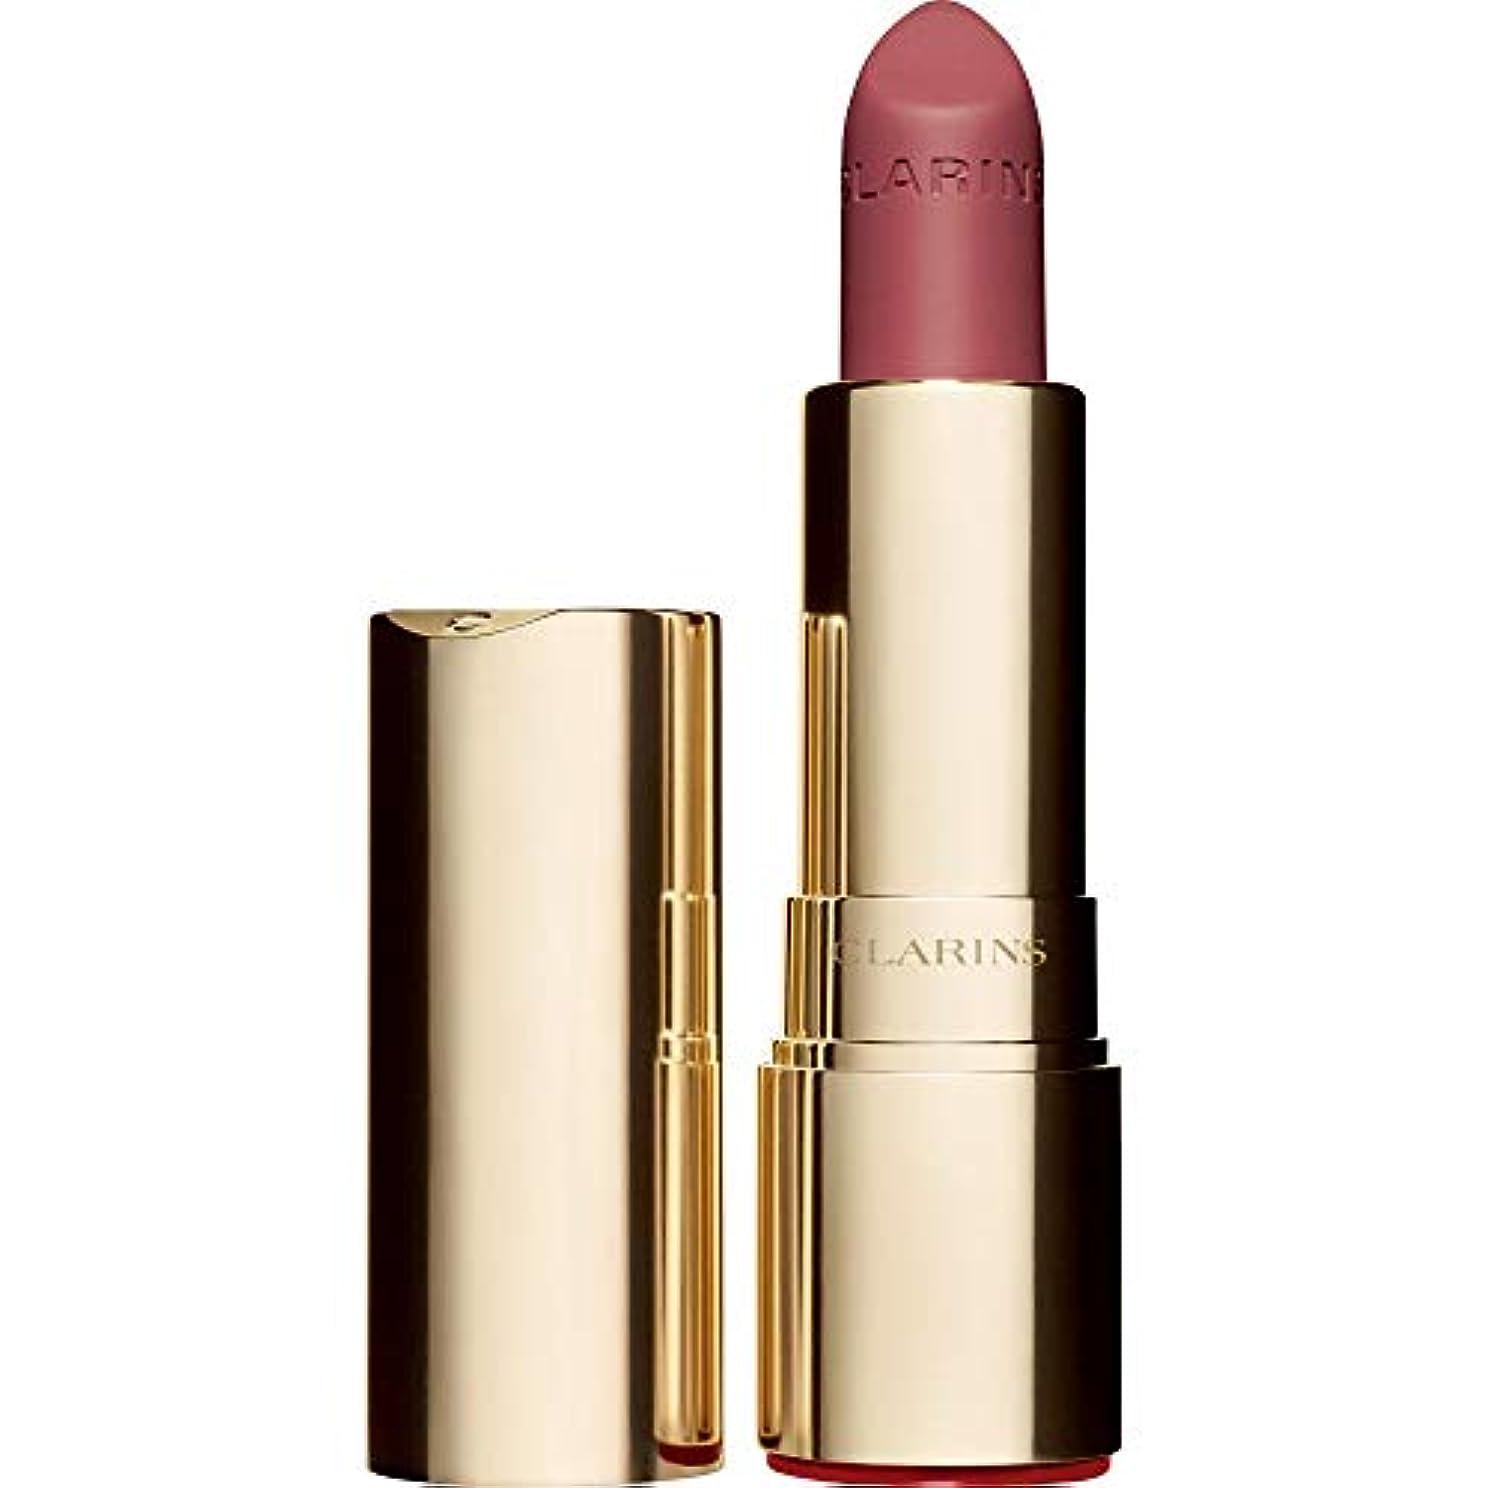 時折エピソードみなす[Clarins ] クラランスジョリルージュのベルベットの口紅3.5グラムの752V - ローズウッド - Clarins Joli Rouge Velvet Lipstick 3.5g 752V - Rosewood...